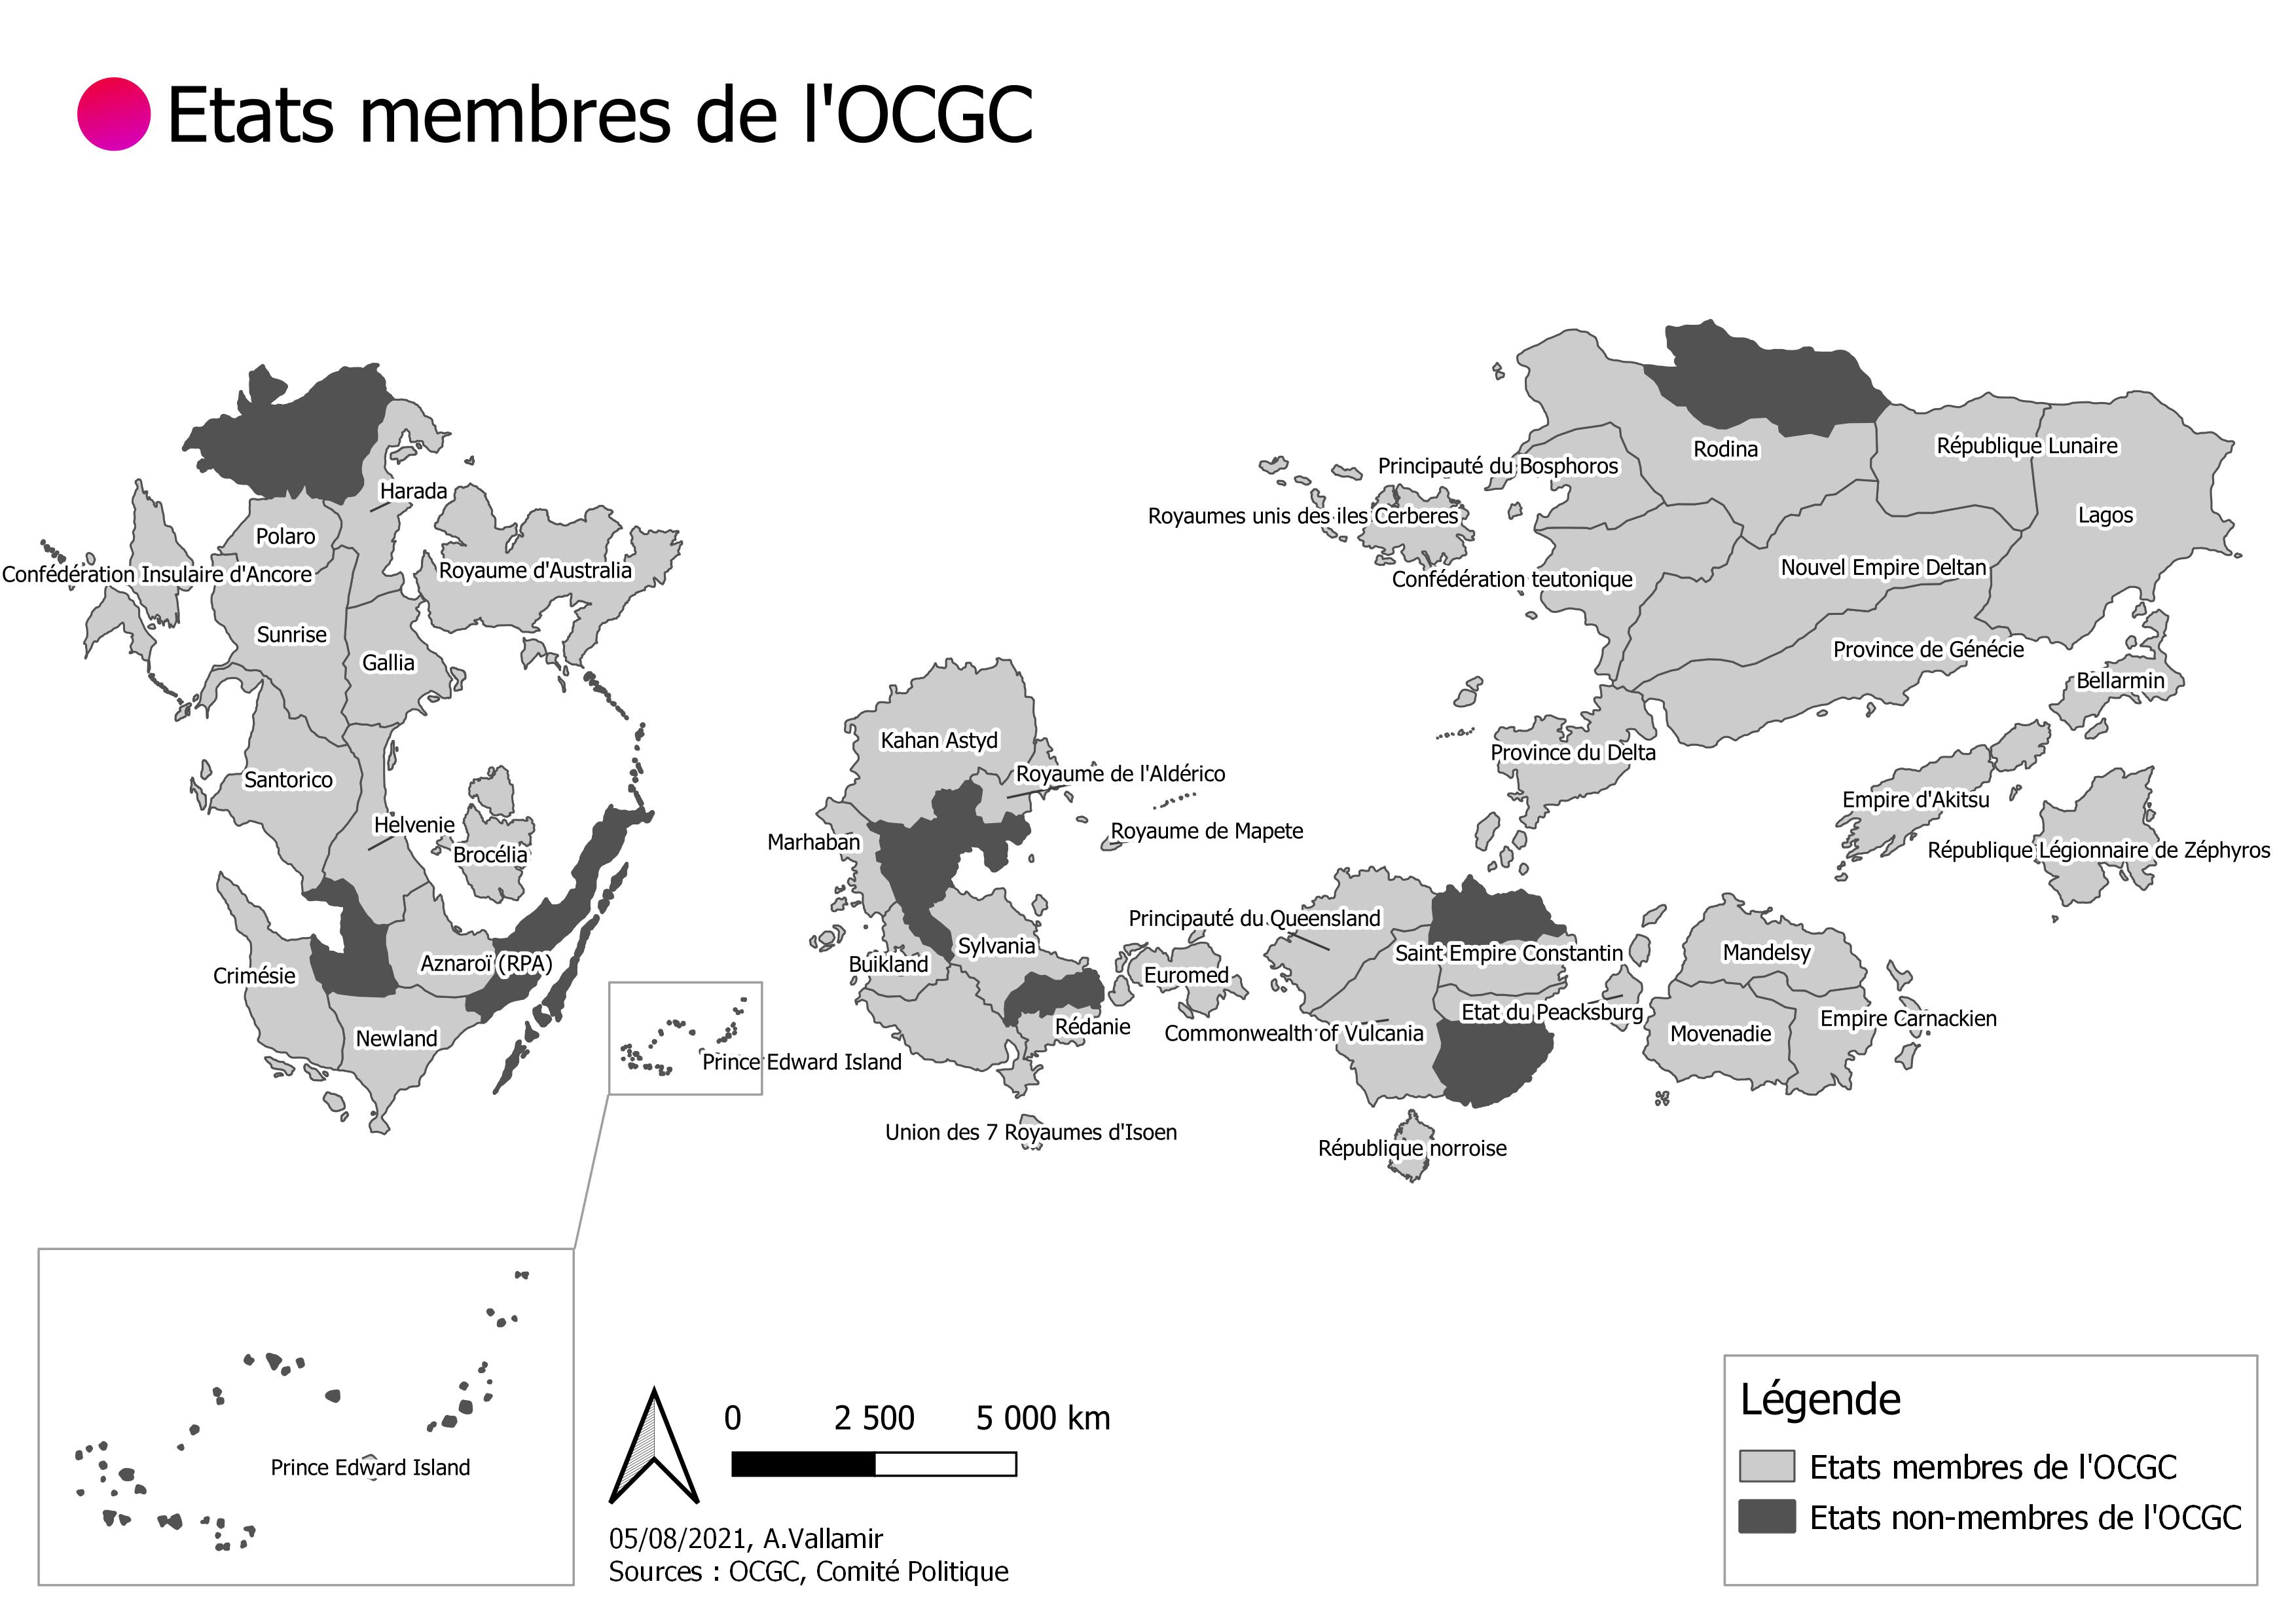 Atlas du comité de politique - L'édition 2021 disponible ! - Page 8 ComPol_OCGC_v2